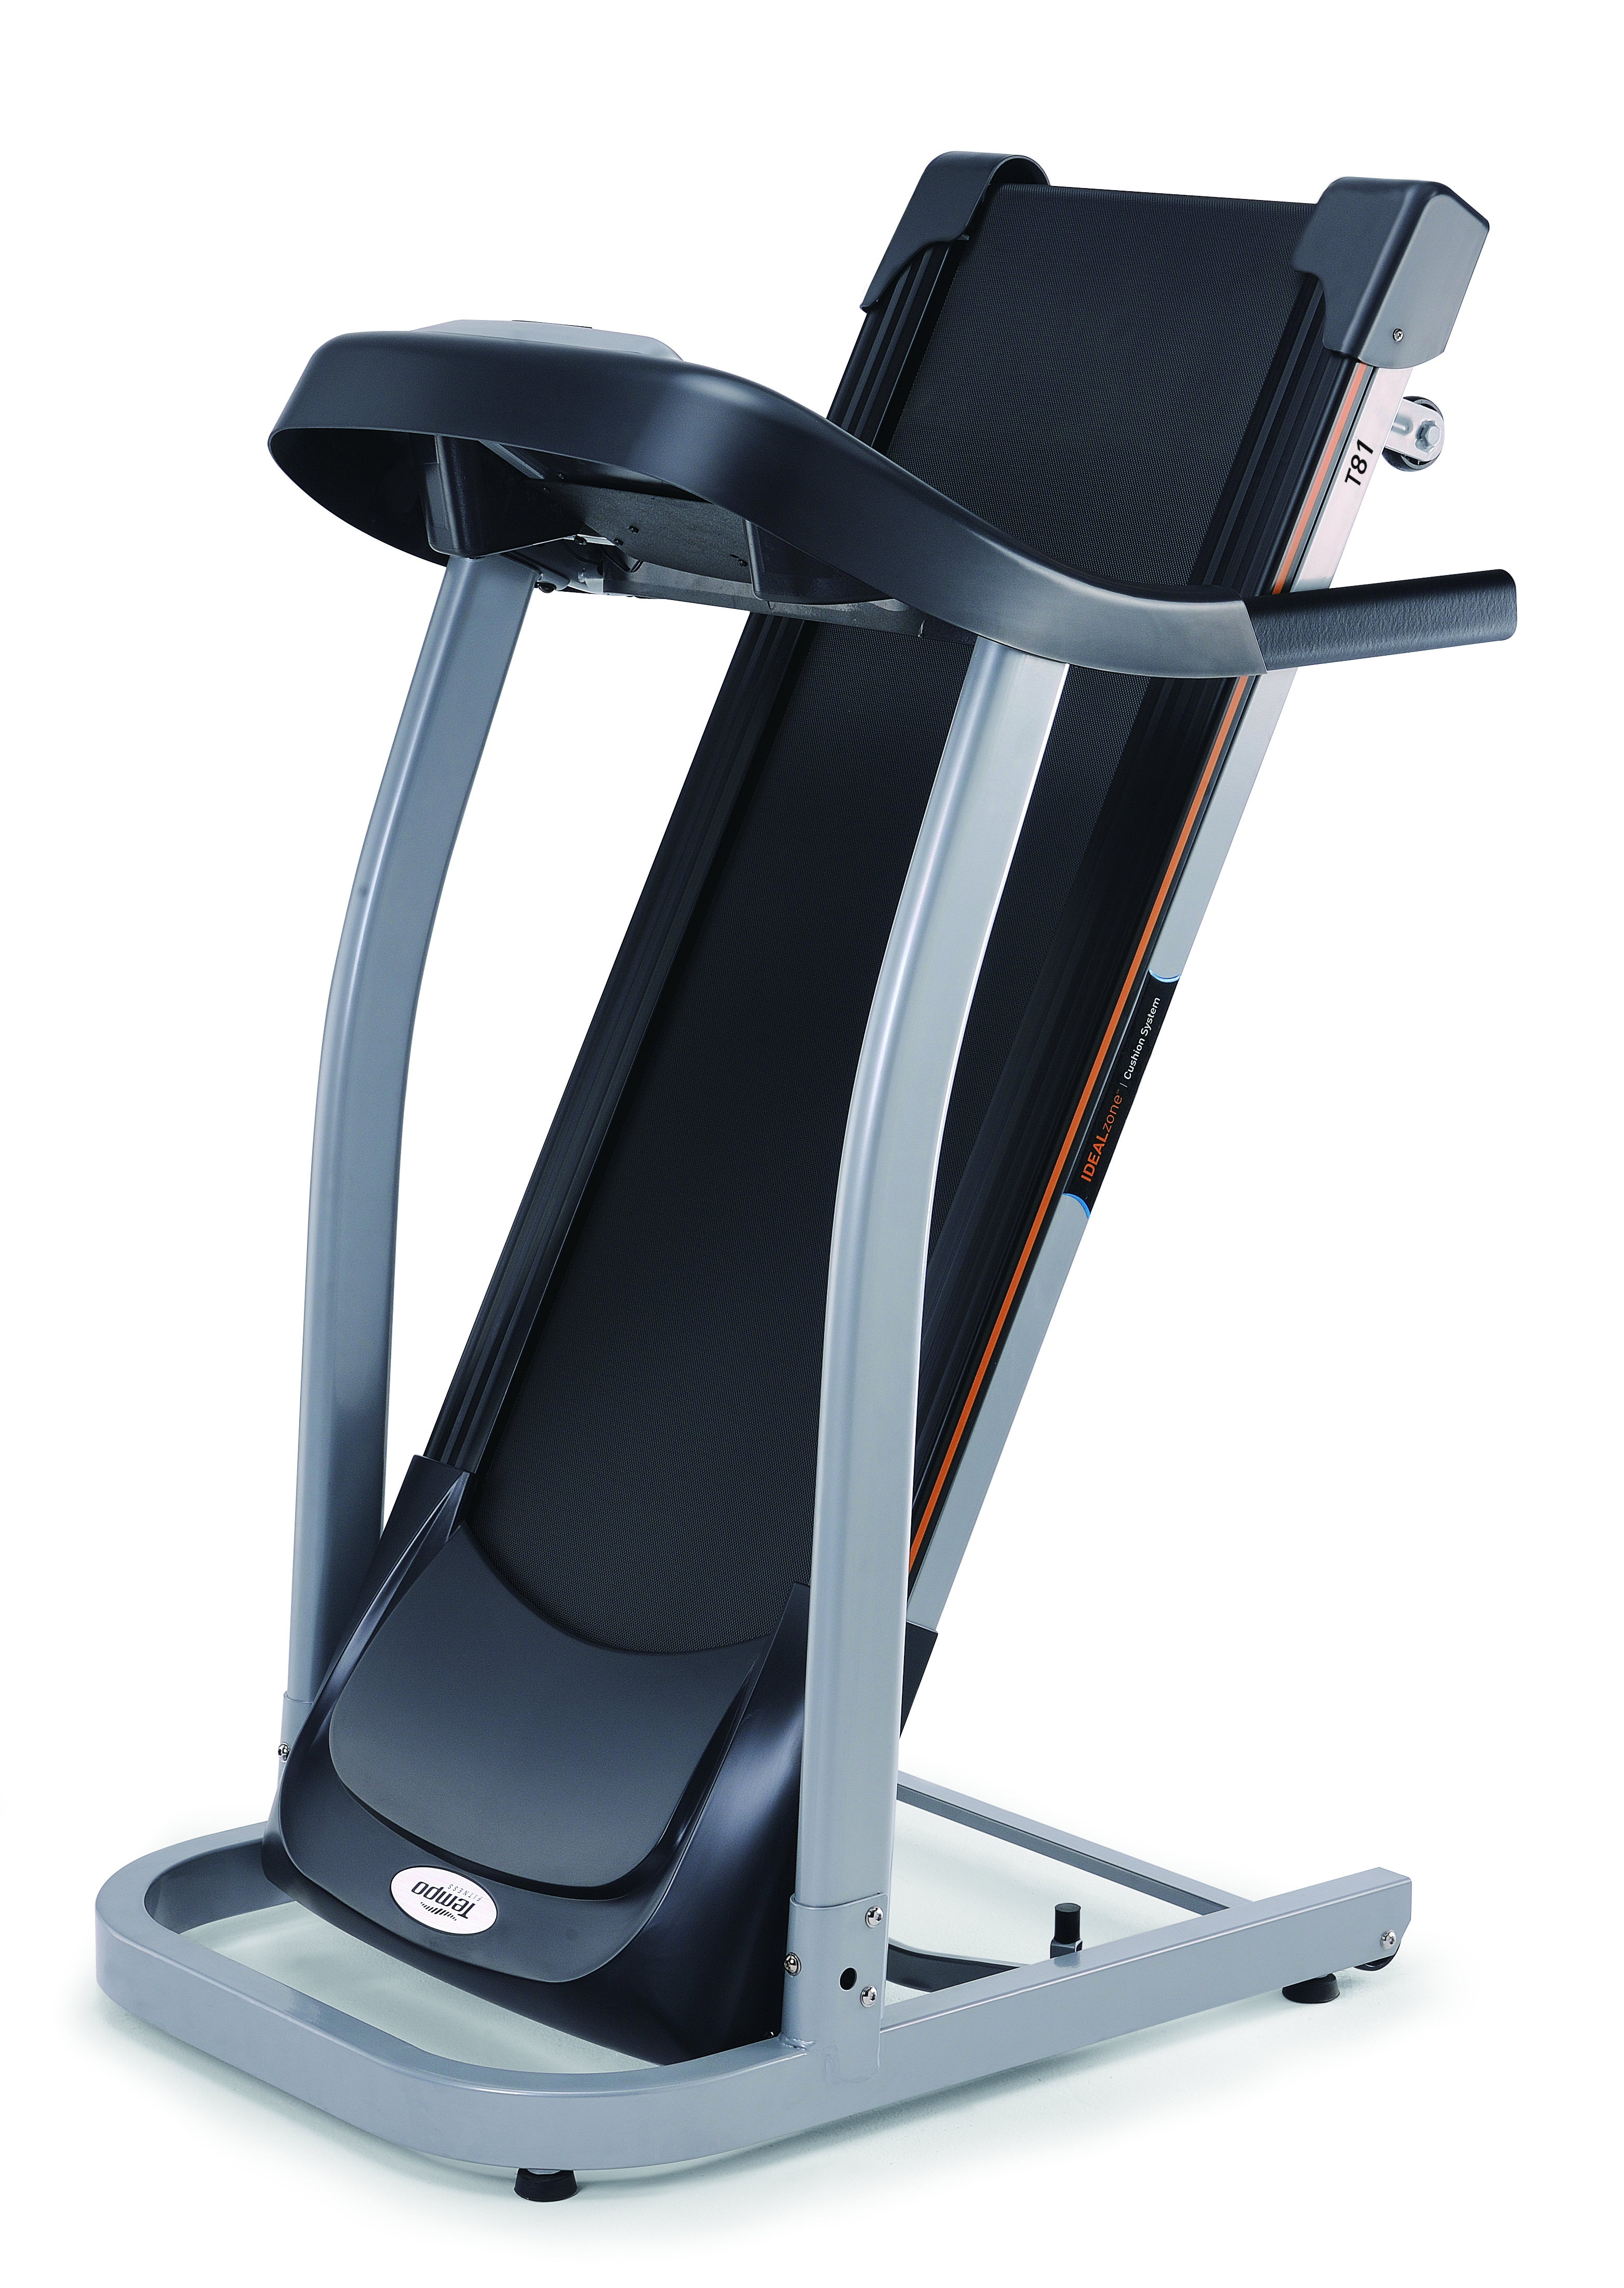 Tempo T81 home treadmill